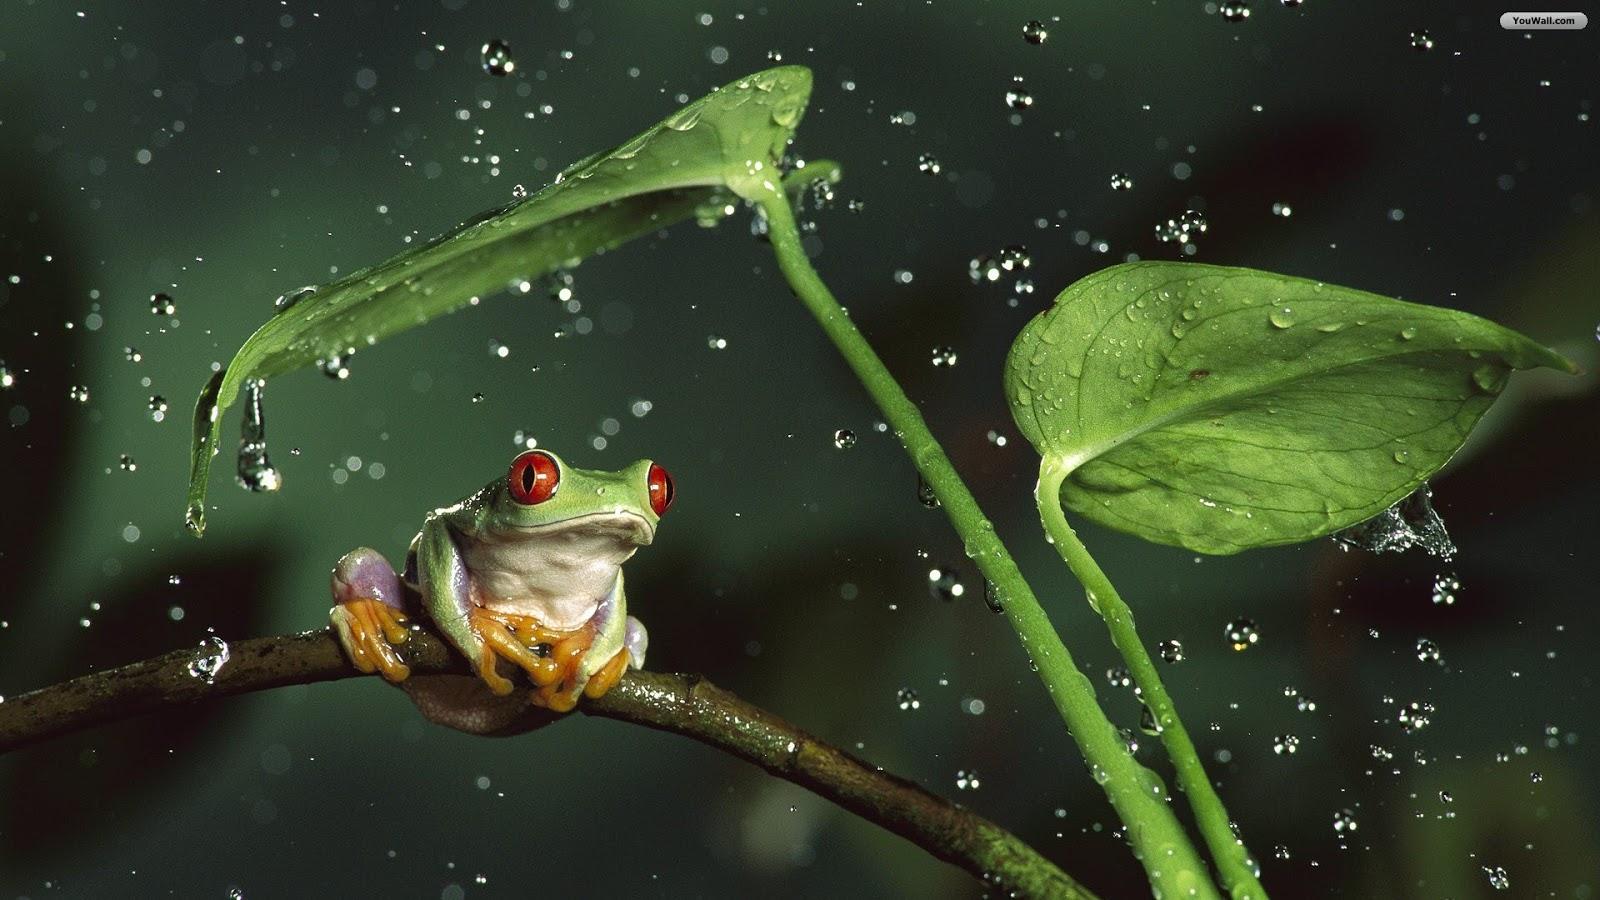 50 rain wallpapers for desktop on wallpapersafari - Rainy nature hd wallpaper ...